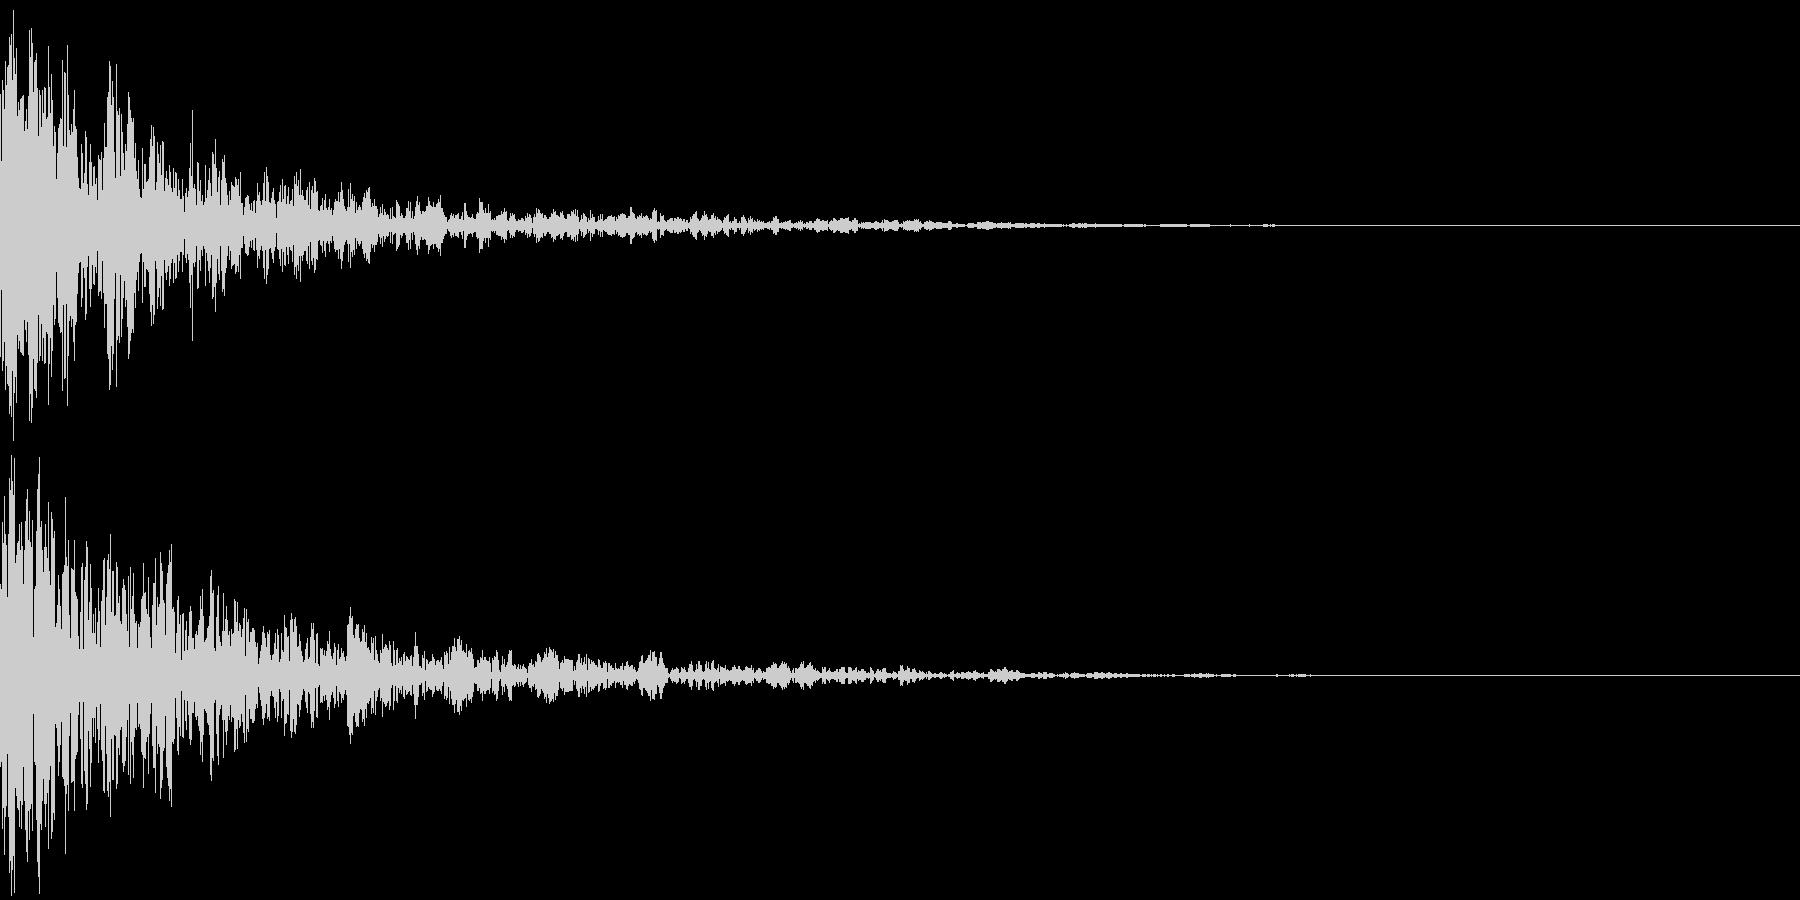 ドーン-52-2(インパクト音)の未再生の波形